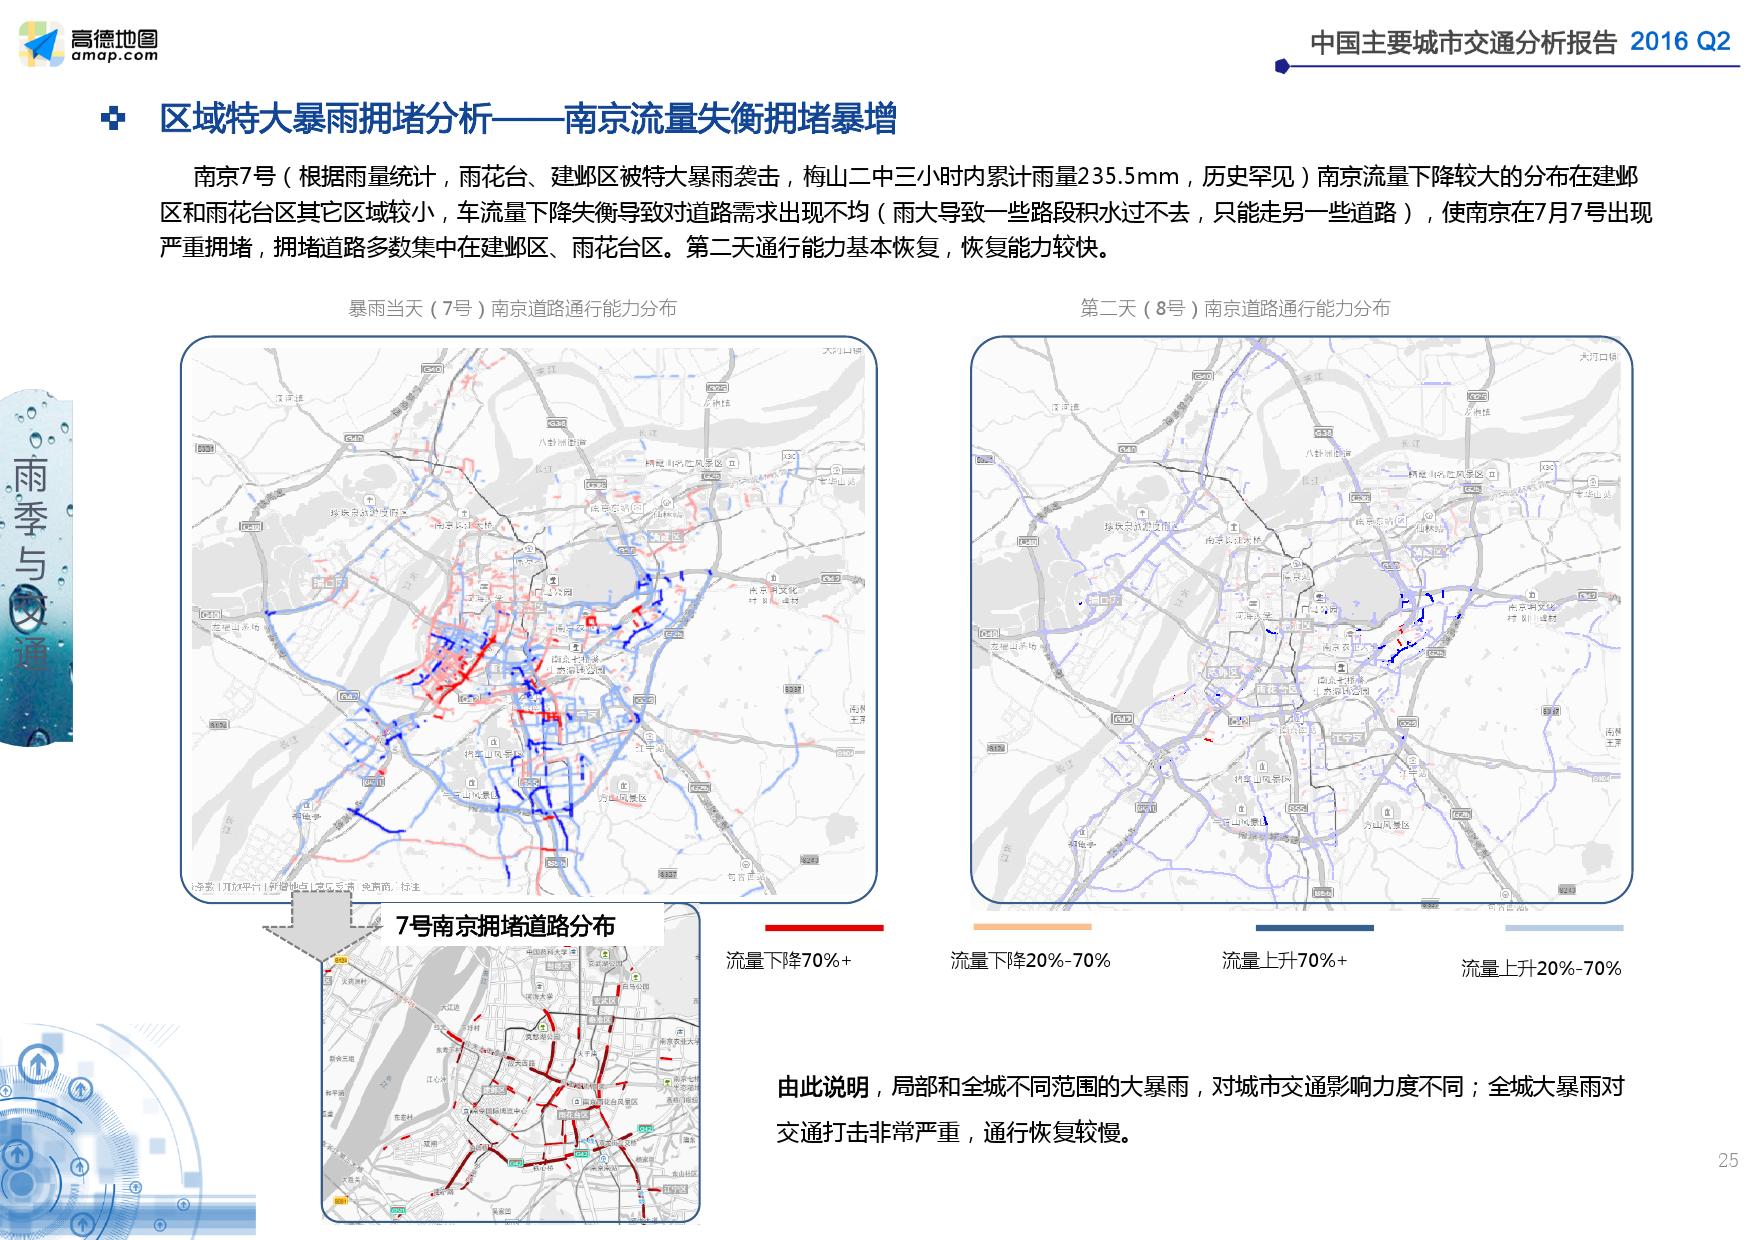 2016年Q2中国主要城市交通分析报告_000025